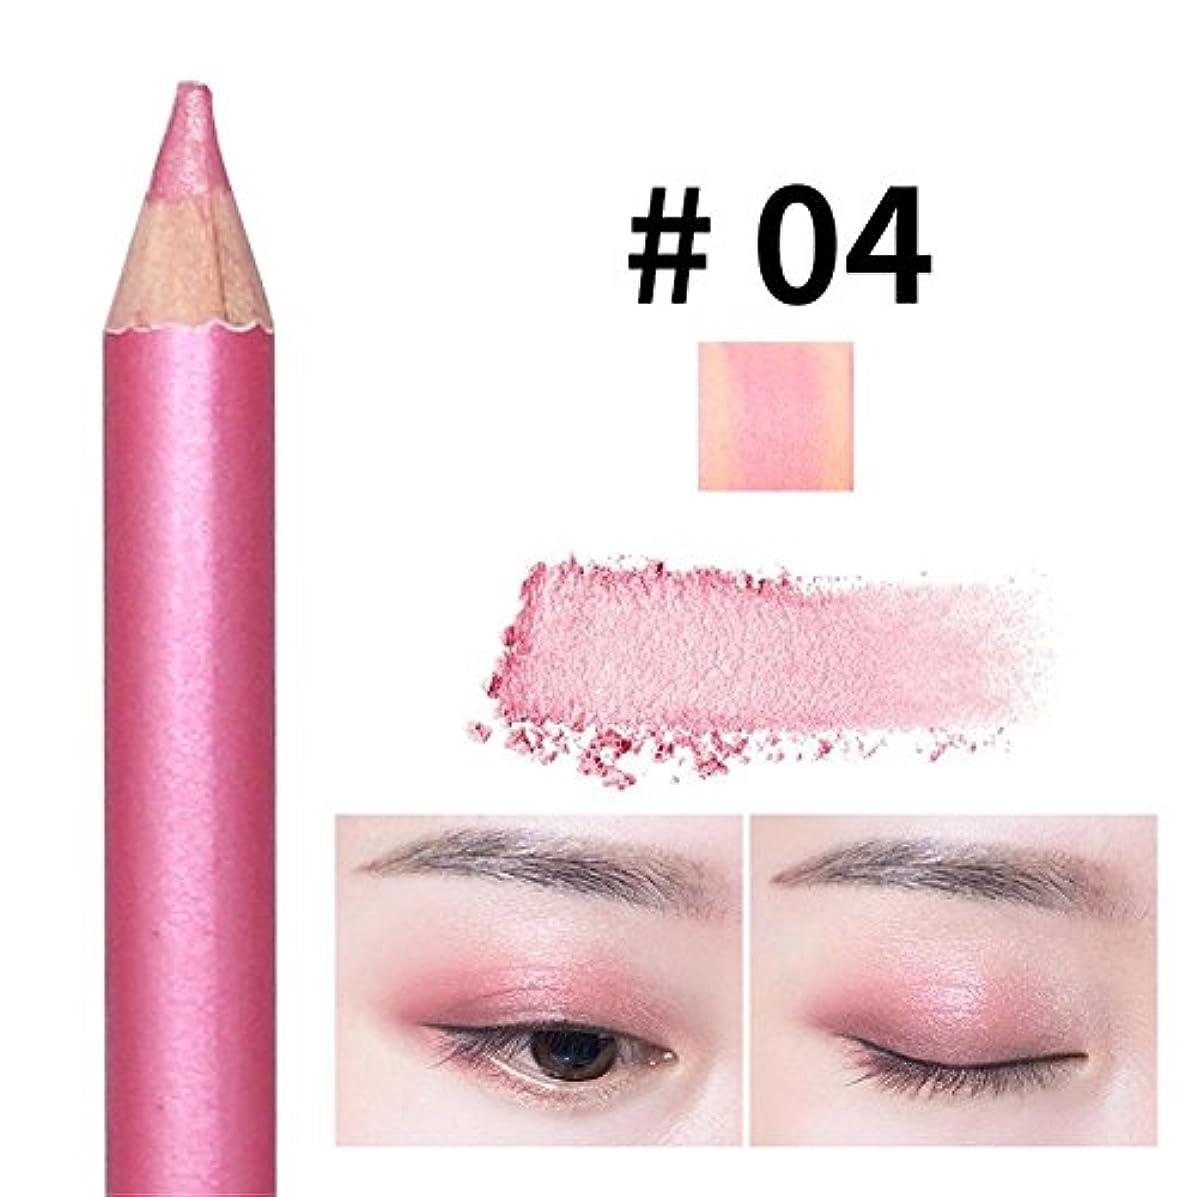 固執表向き包括的アイシャドウペン パールペン ハイライトペン ダブルヘッド 落ちにくい 簡単に色付け 長持ち メイクアップ おしゃれ 防水 ハローメイク メイクアップアイシャドウペン